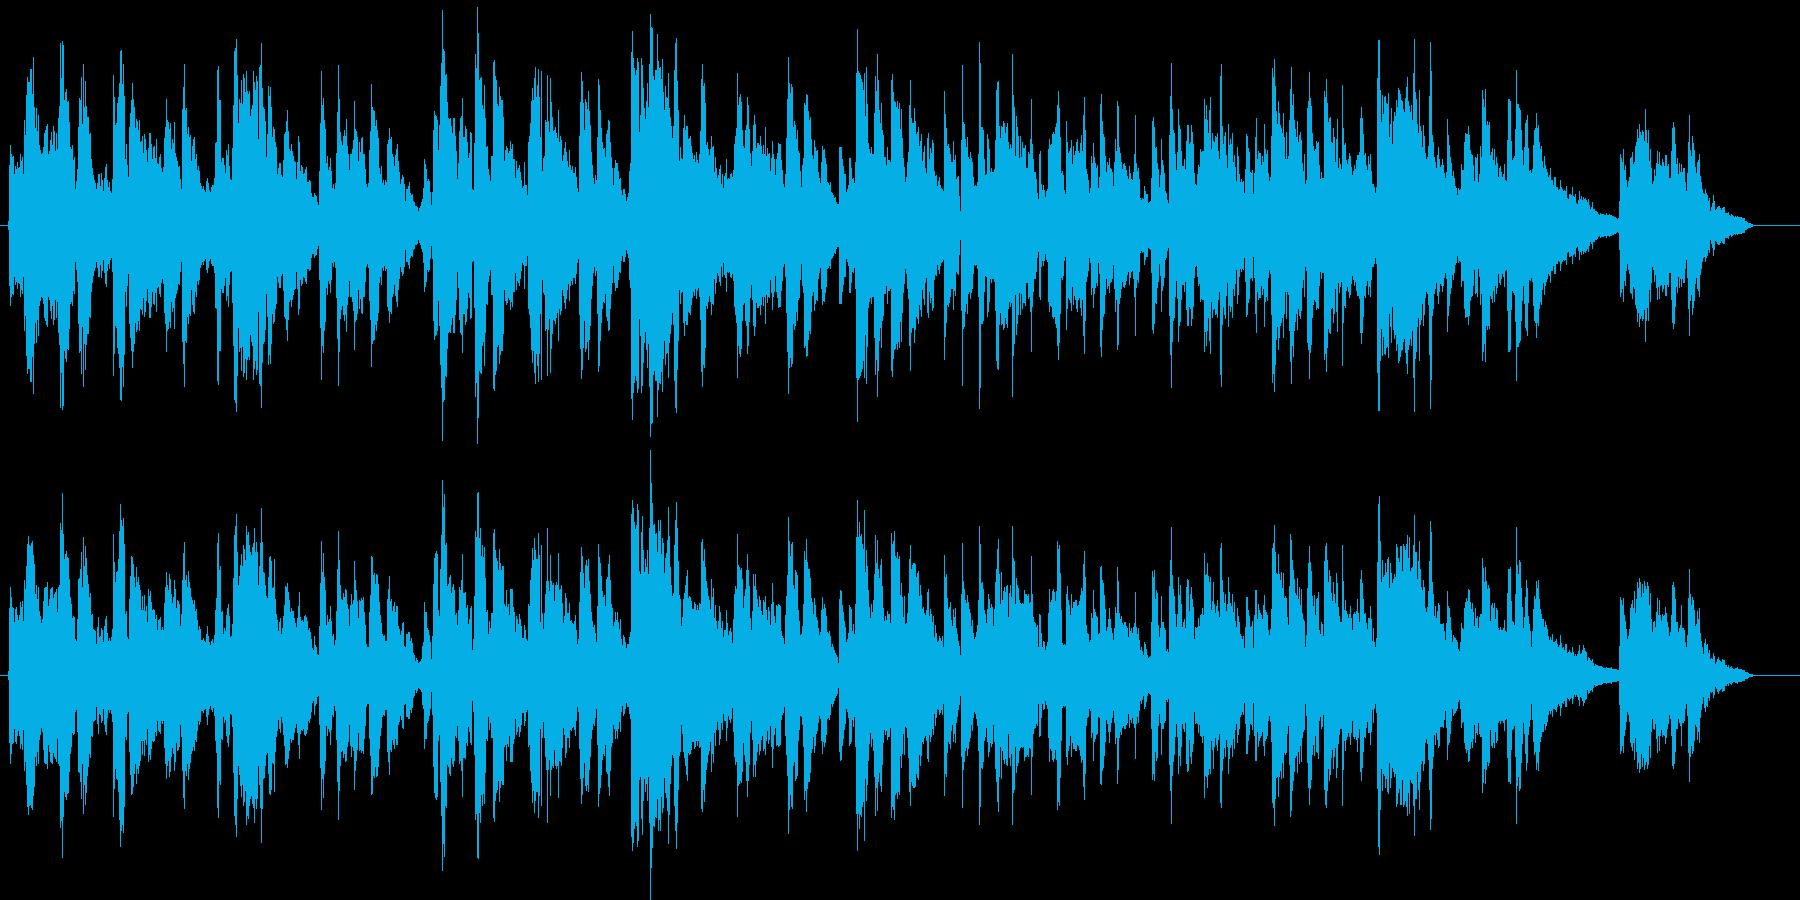 カントリーブルーグラス アメリカ国歌の再生済みの波形